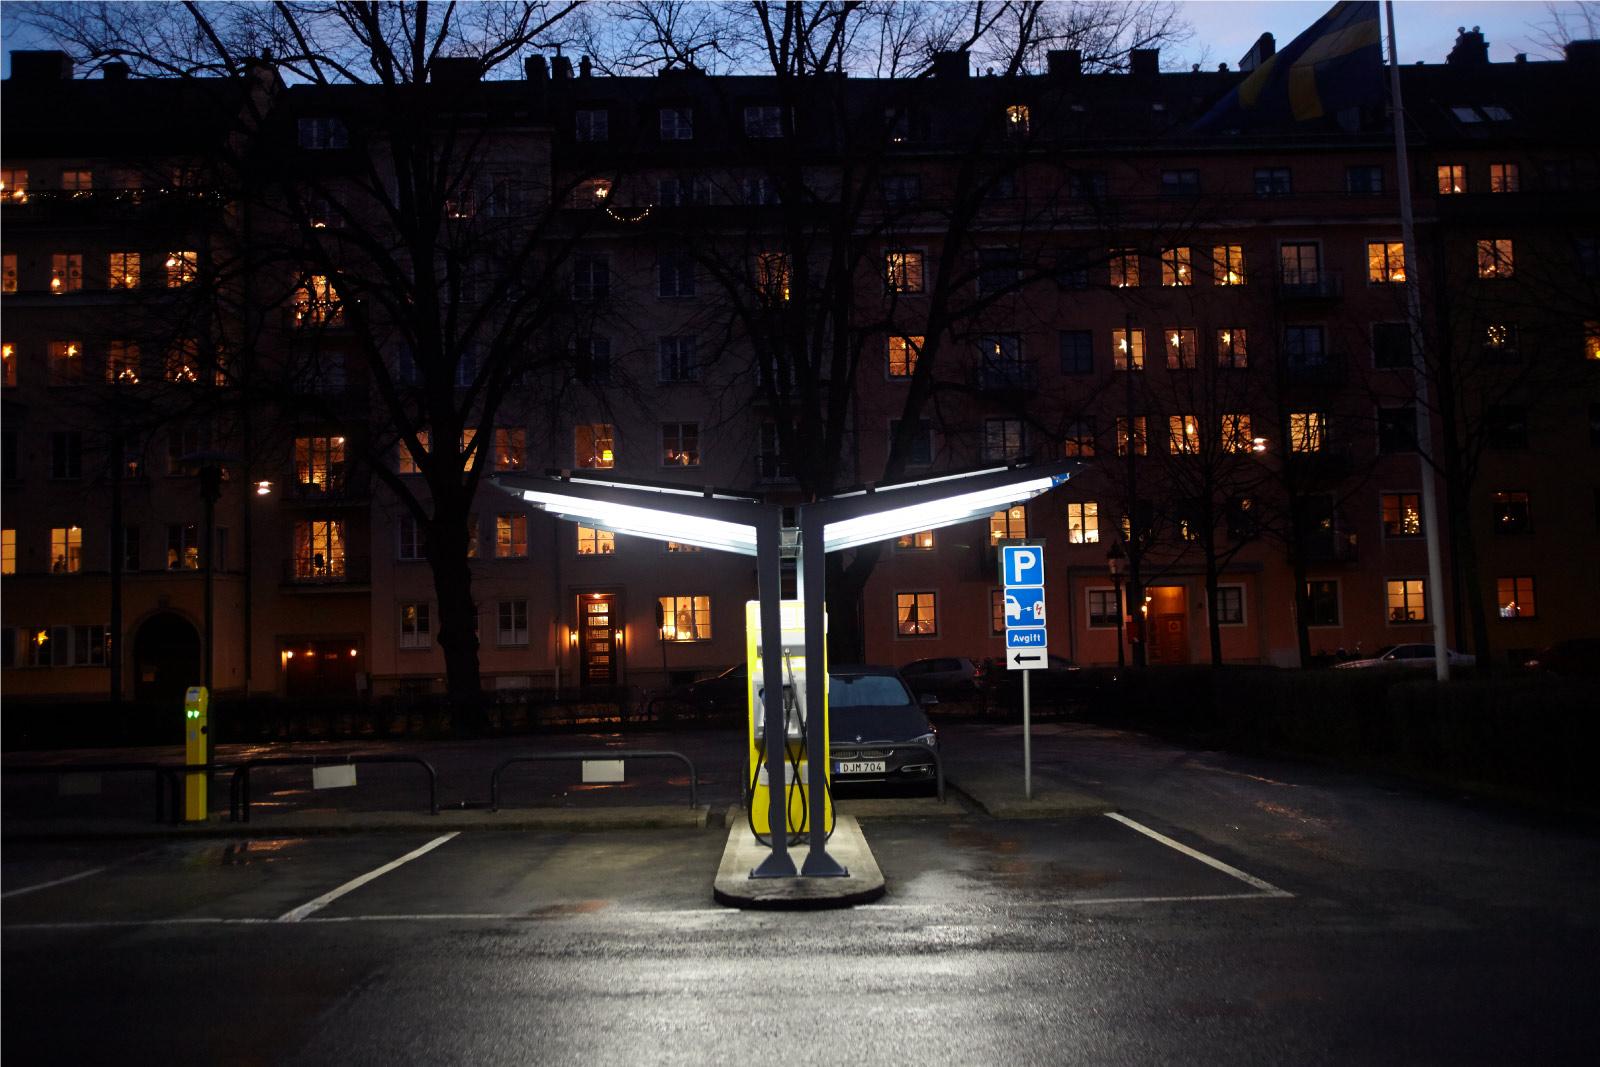 sunlight sääsuoja joss aurinkokennot katoksen päällä, latausasema sähköautoille, kuva iltahämärässä ja valistuksen kanssa